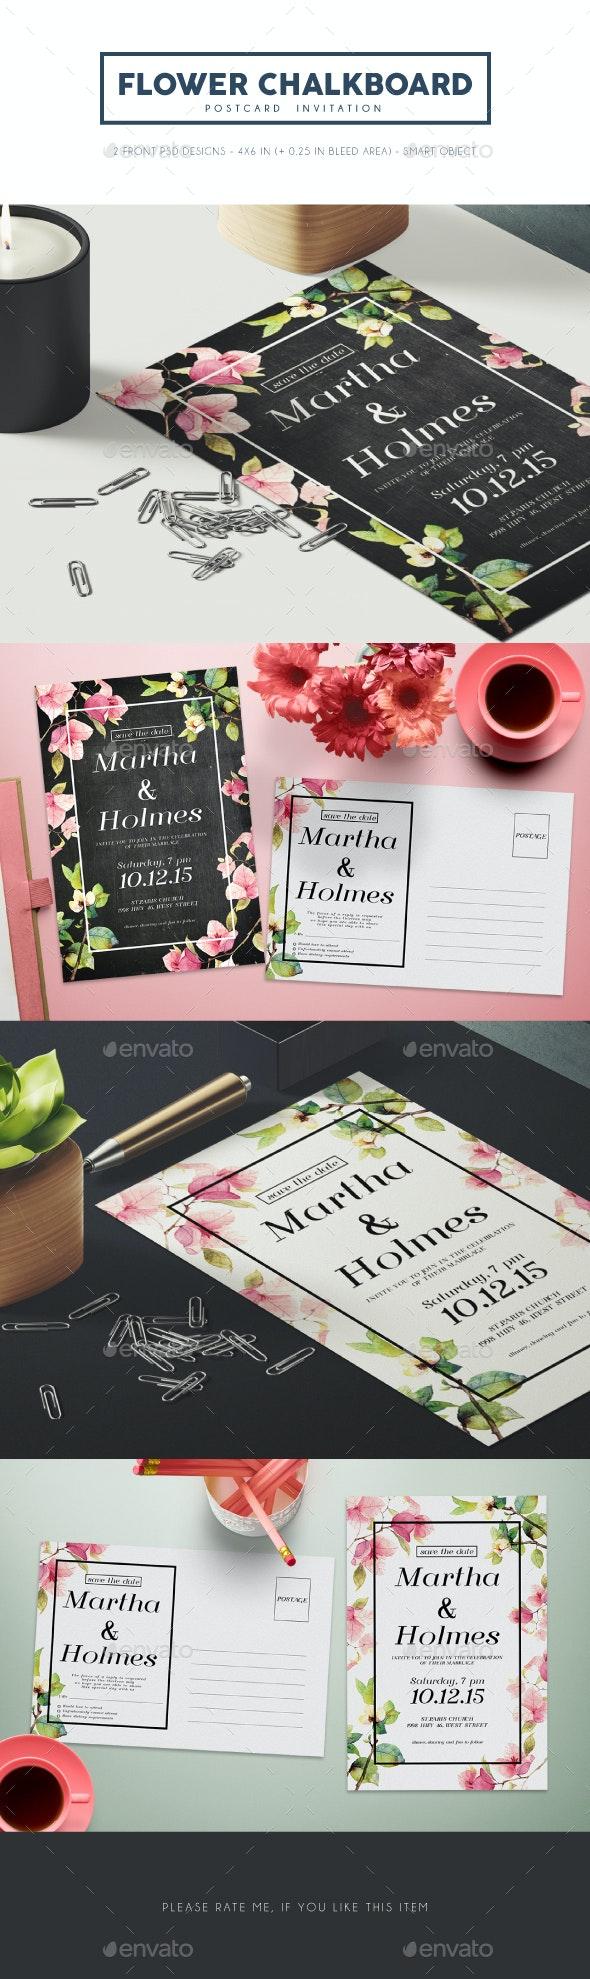 Flower Chalkboard Invitation - Weddings Cards & Invites